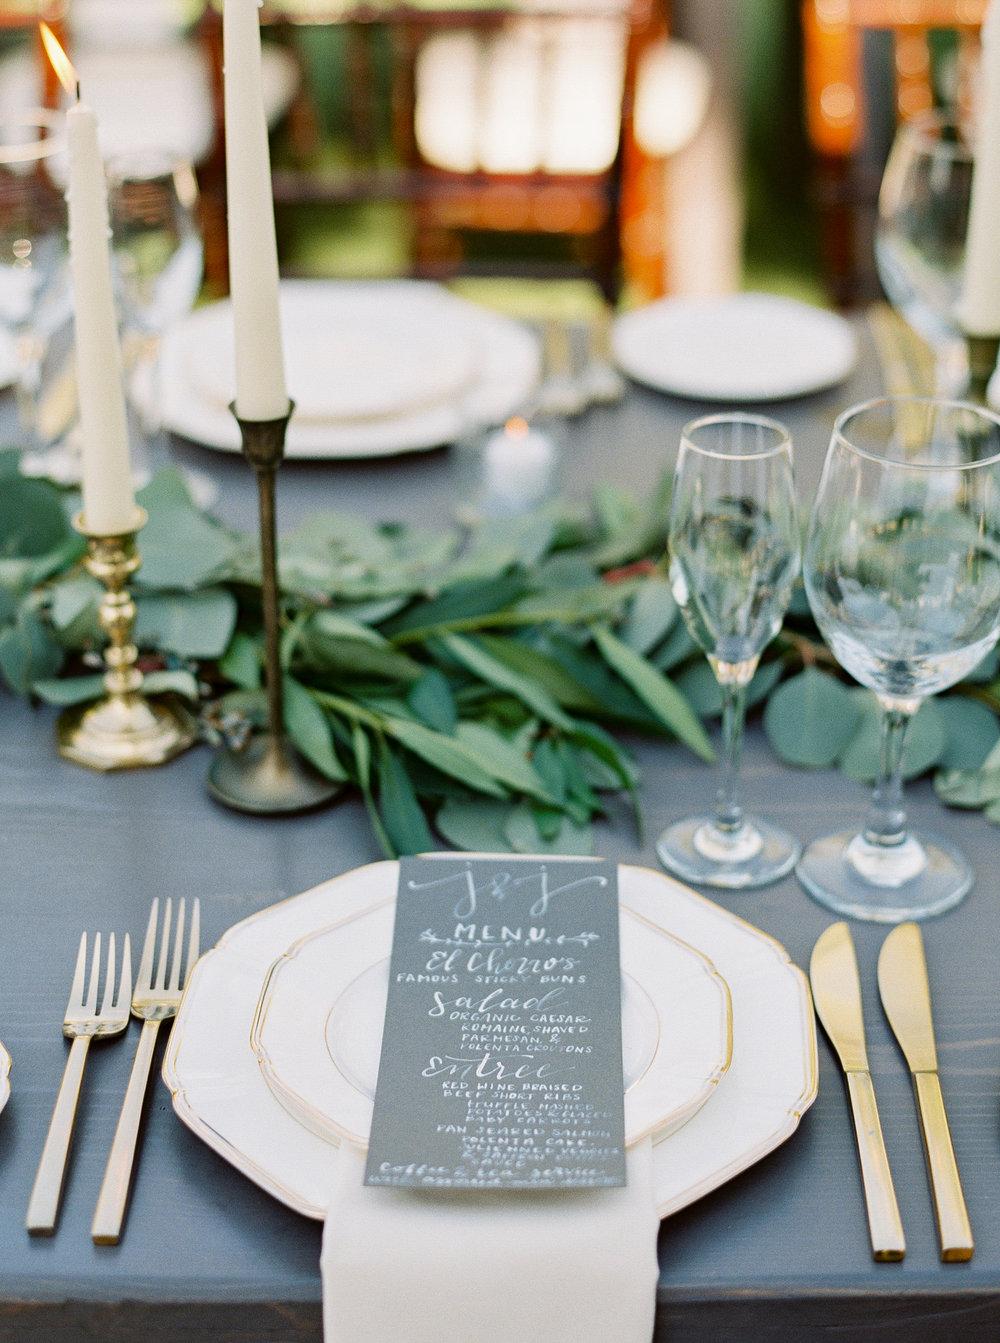 El_Chorro_Destination_Wedding_Planner_26.JPG